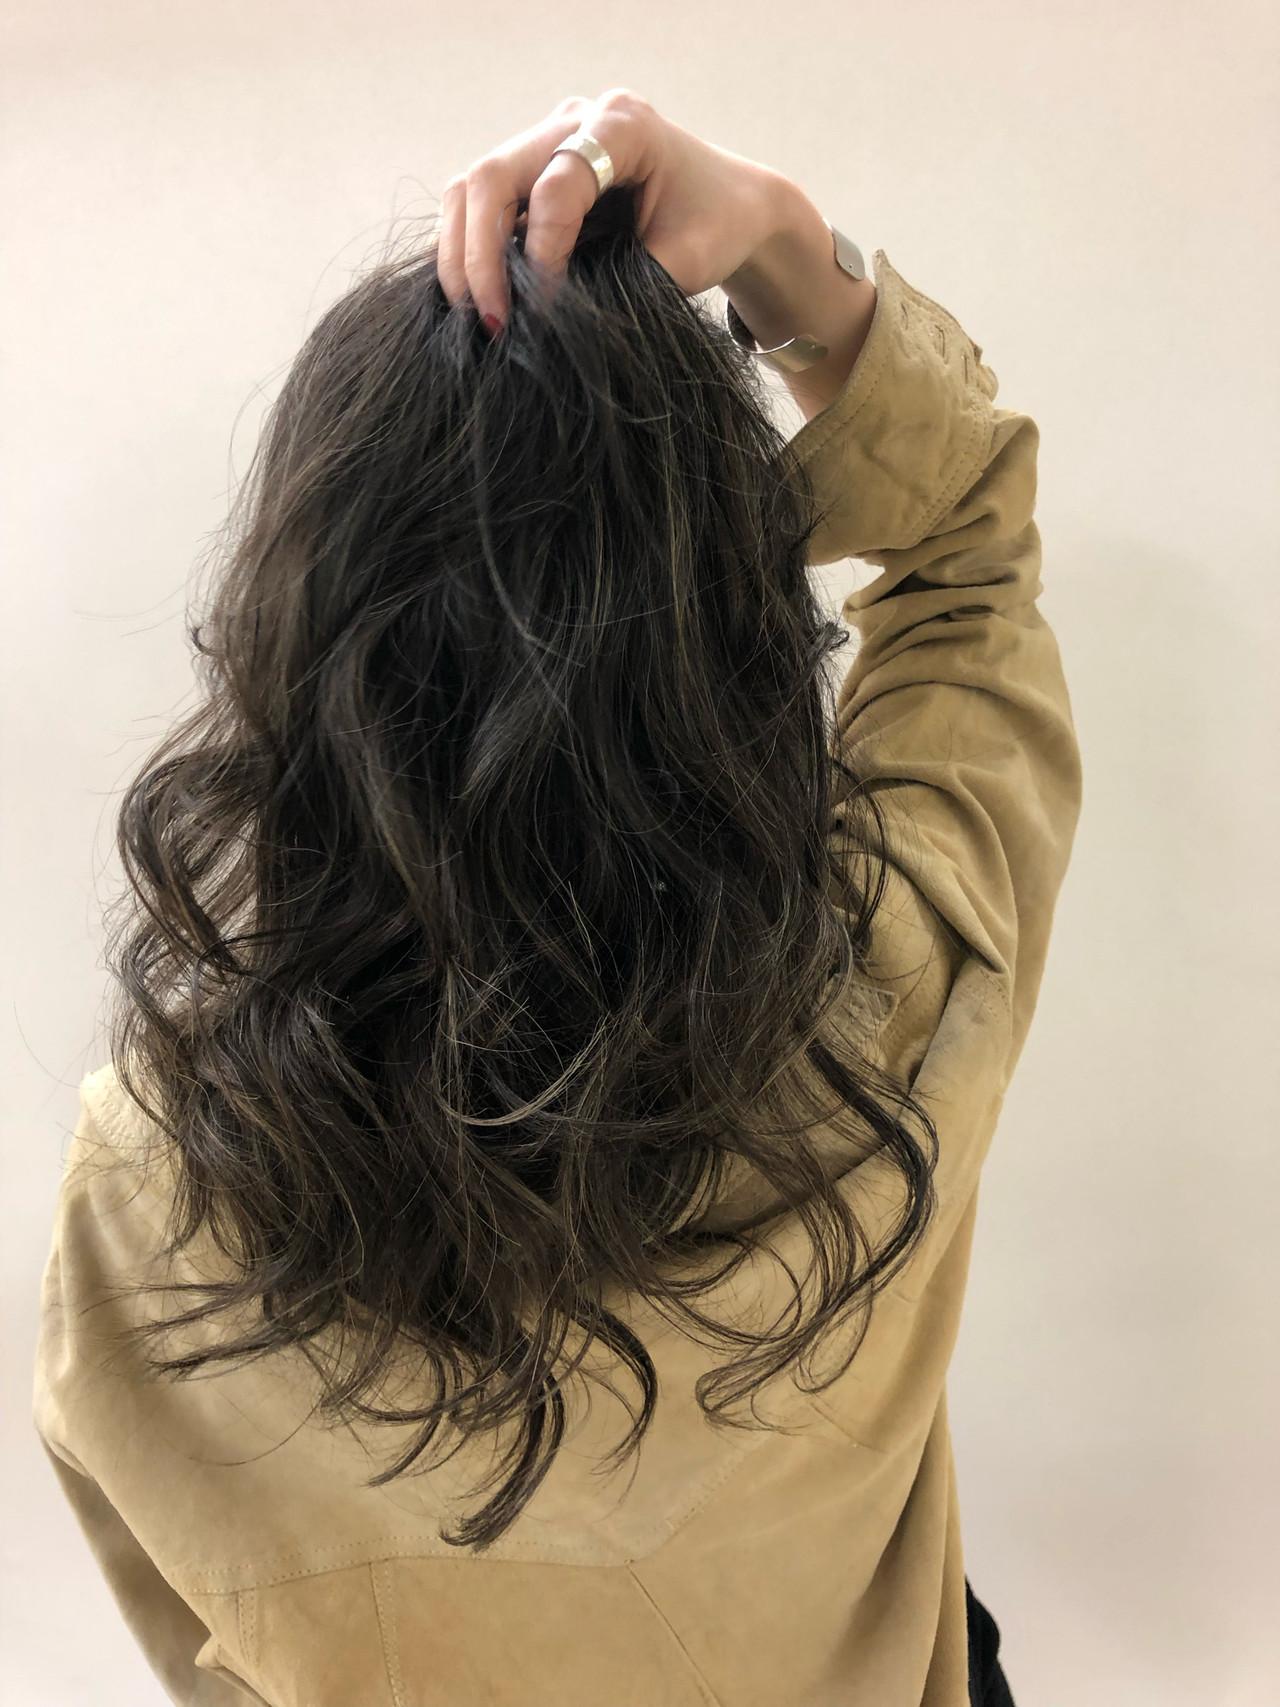 グラデーションカラー エレガント ハイライト ロング ヘアスタイルや髪型の写真・画像